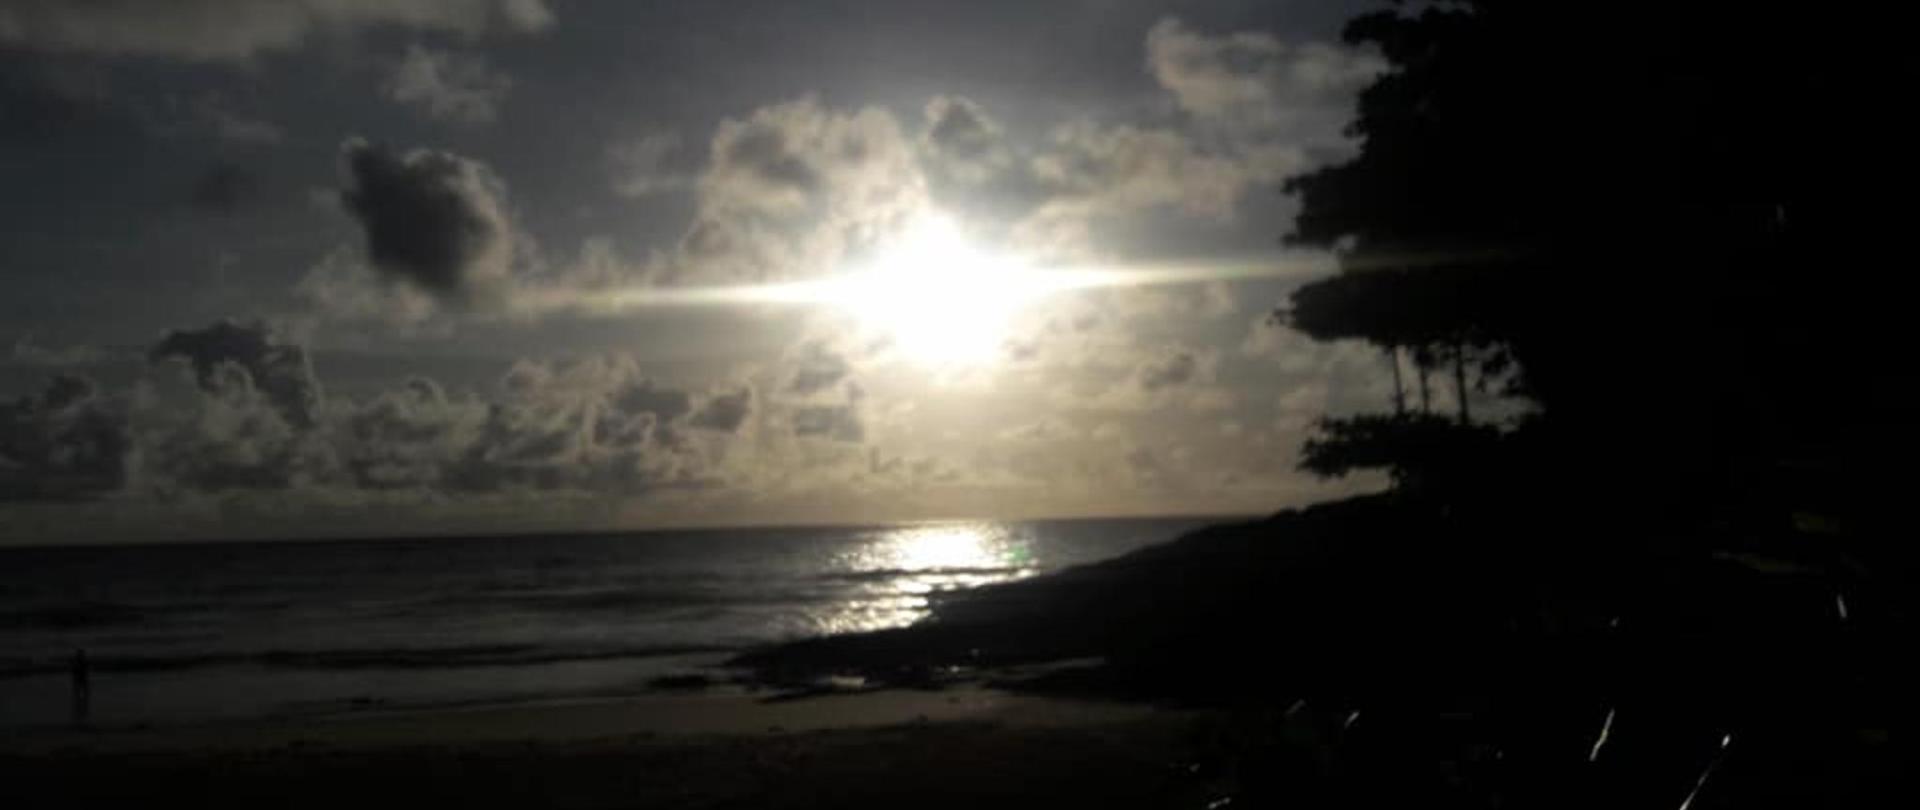 praiarenato3.jpg